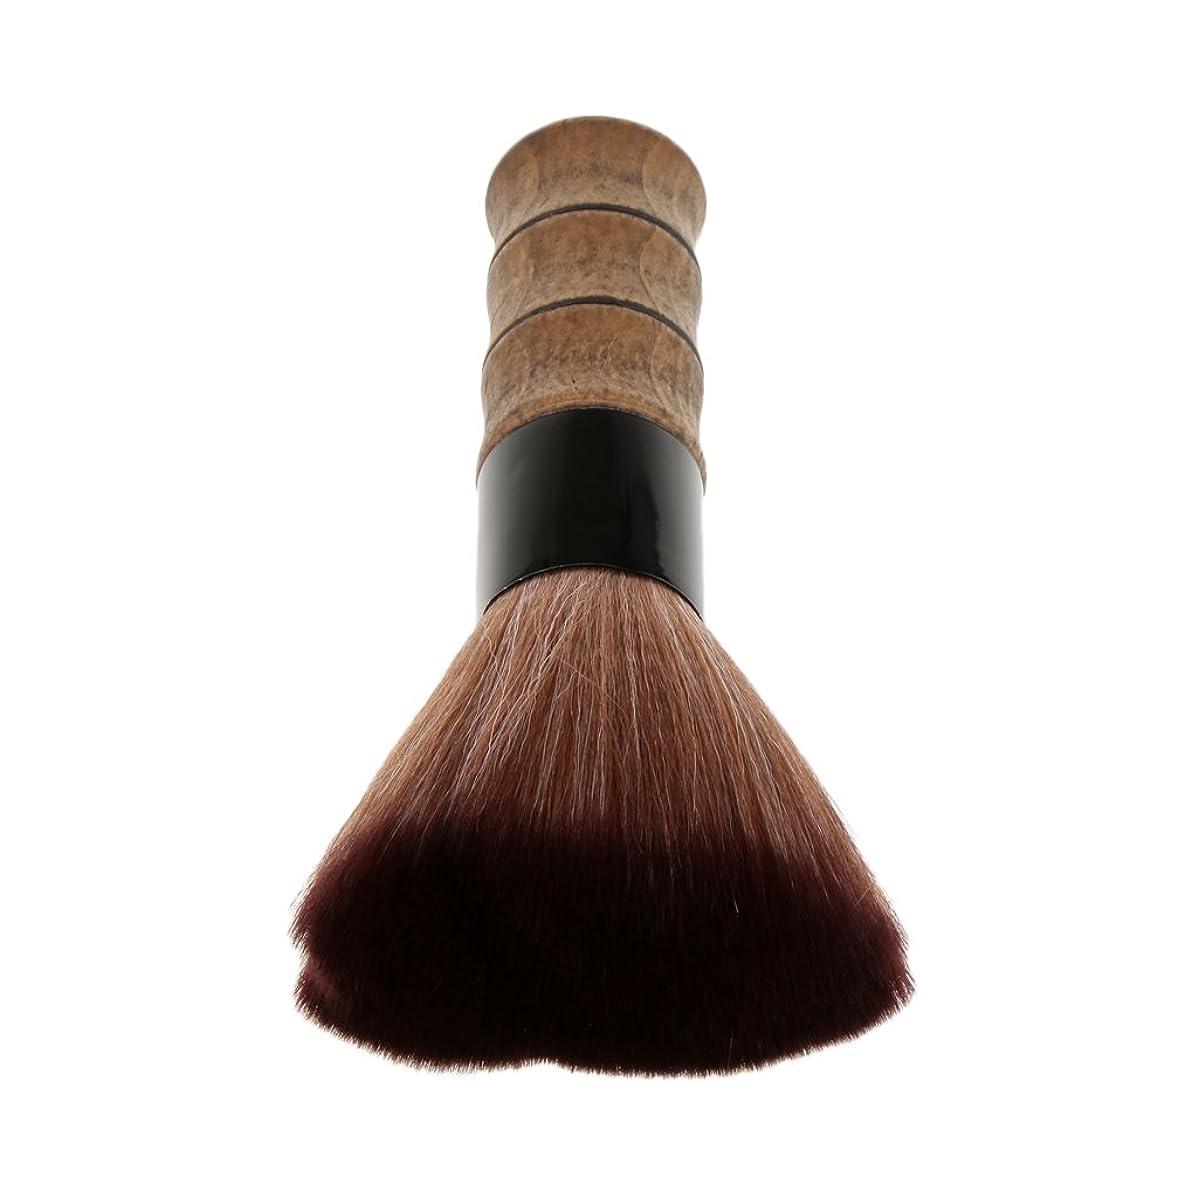 それによって時マッシュFenteer シェービングブラシ ソフトファイバー 脱毛 シェービング ブラシ ブラッシュ ルーズパウダー メイクブラシ 繊維+竹ハンドル 2色選べる - 褐色